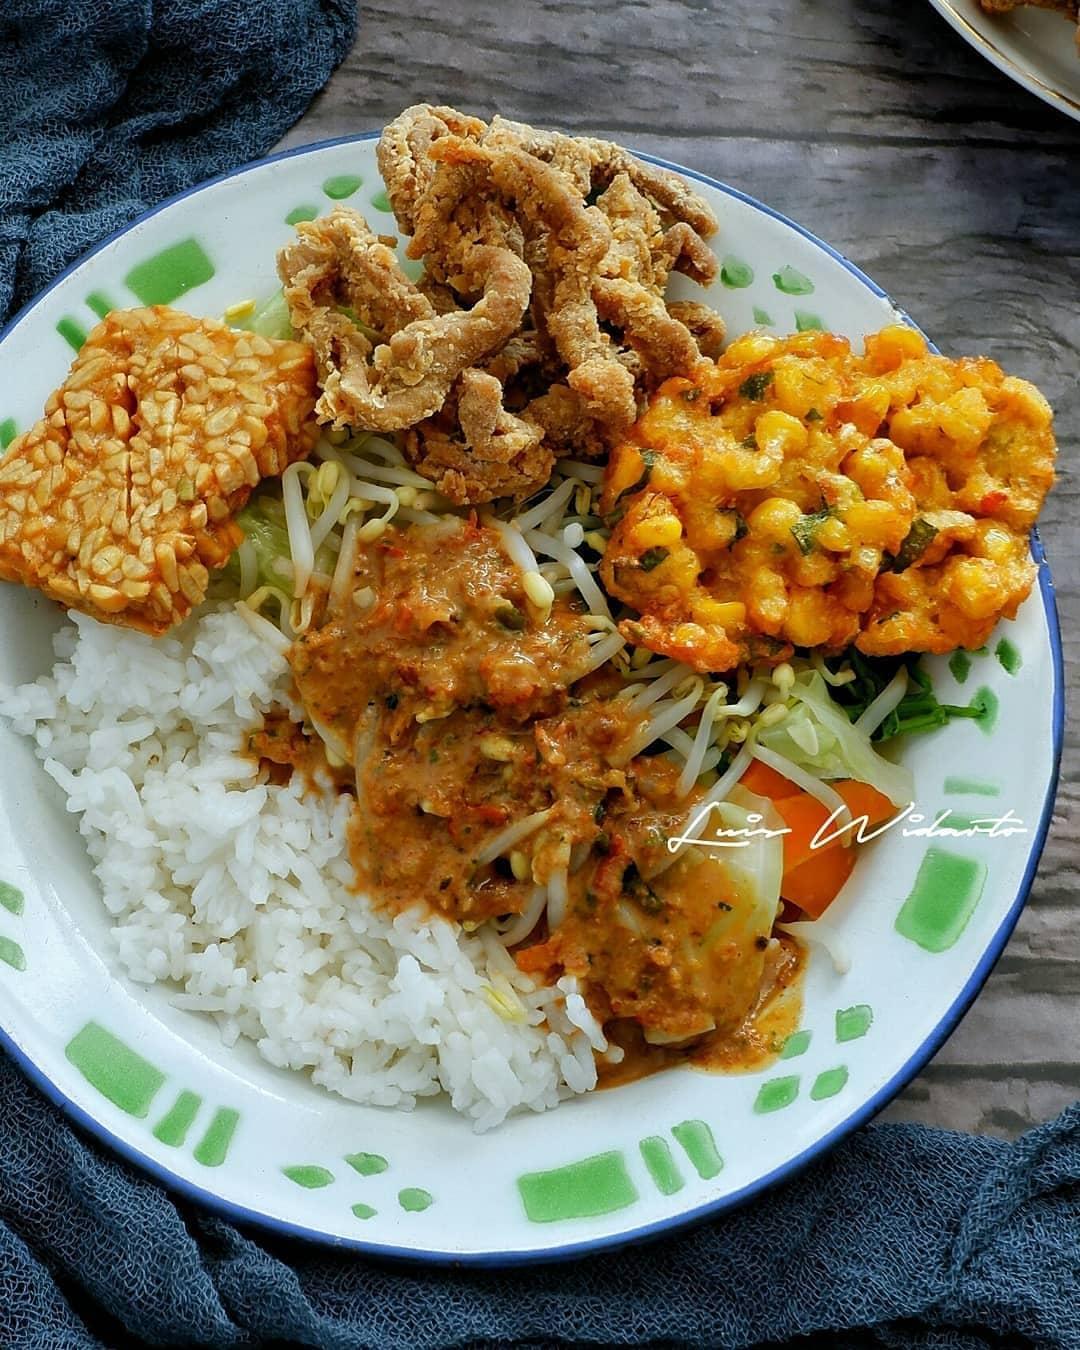 1593479614 831 Info kuliner Menu Sehari Hari Ala @luis widarto Assalamualaikum wr wb Met